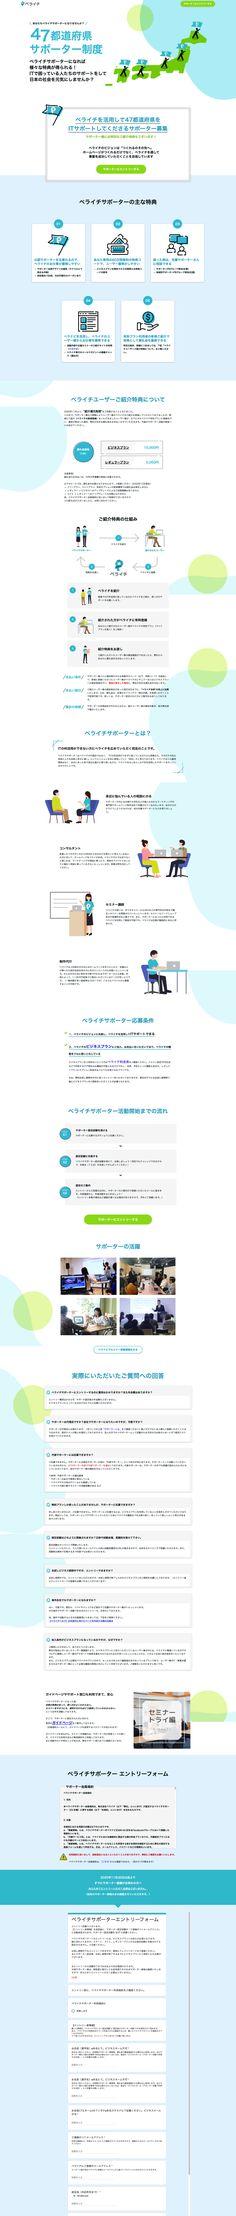 47都道府県ペライチ認定サポーター制度とは、ペライチサポーターによるセミナー開催やコミュニティ運営により、WEBページを作成したい方を支援するための制度です。 #ペライチ #LP #ランディングページ #Webサイト